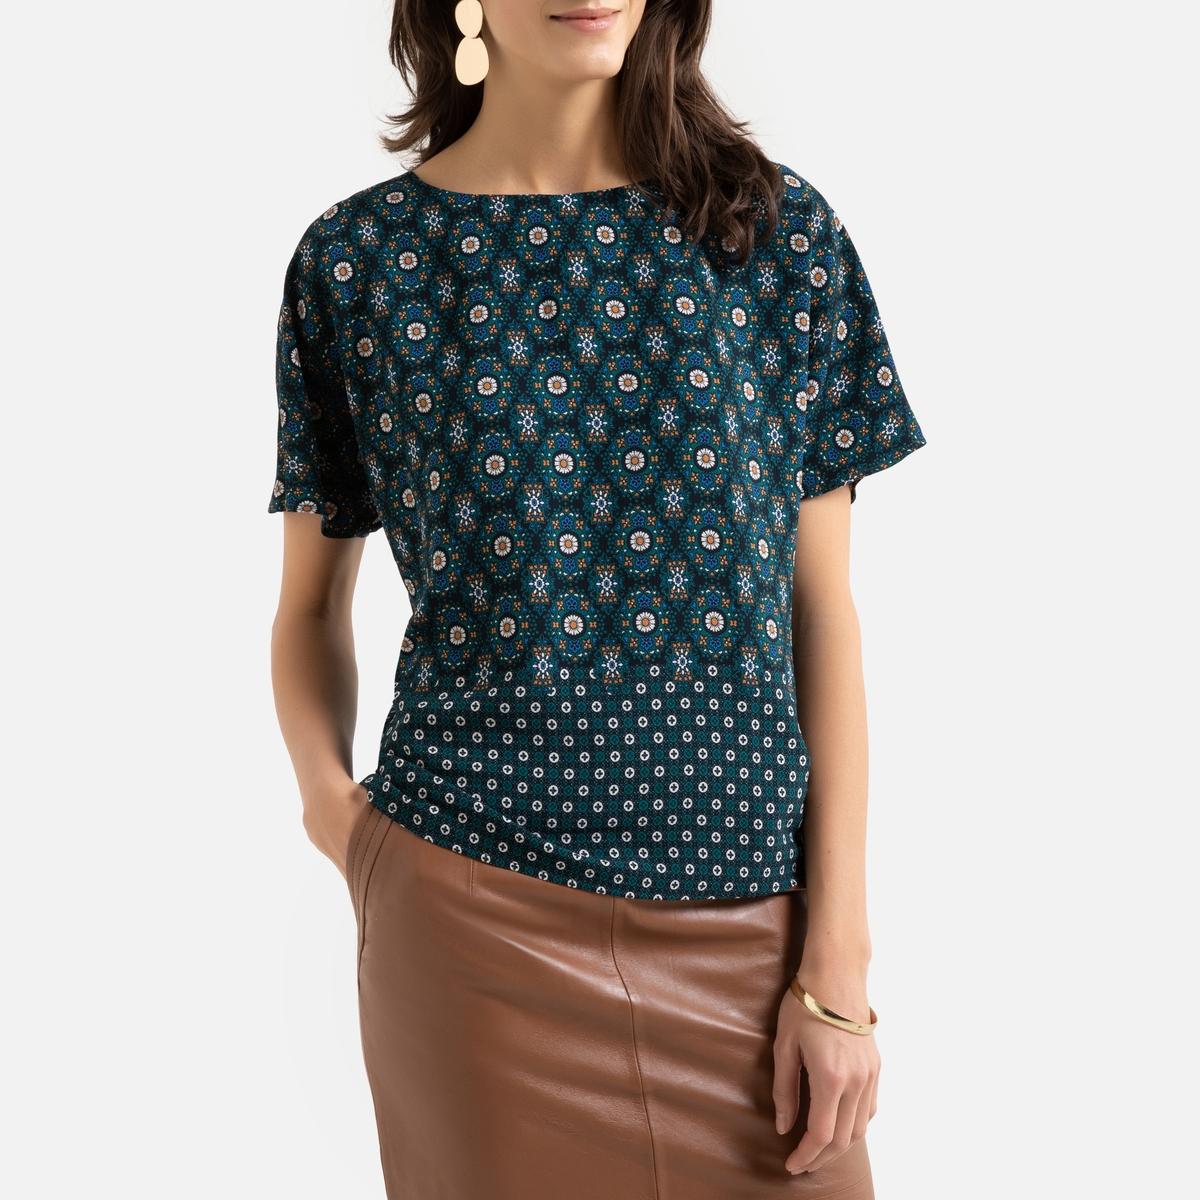 Blusa com gola redonda, estampado gráfico, mangas curtas